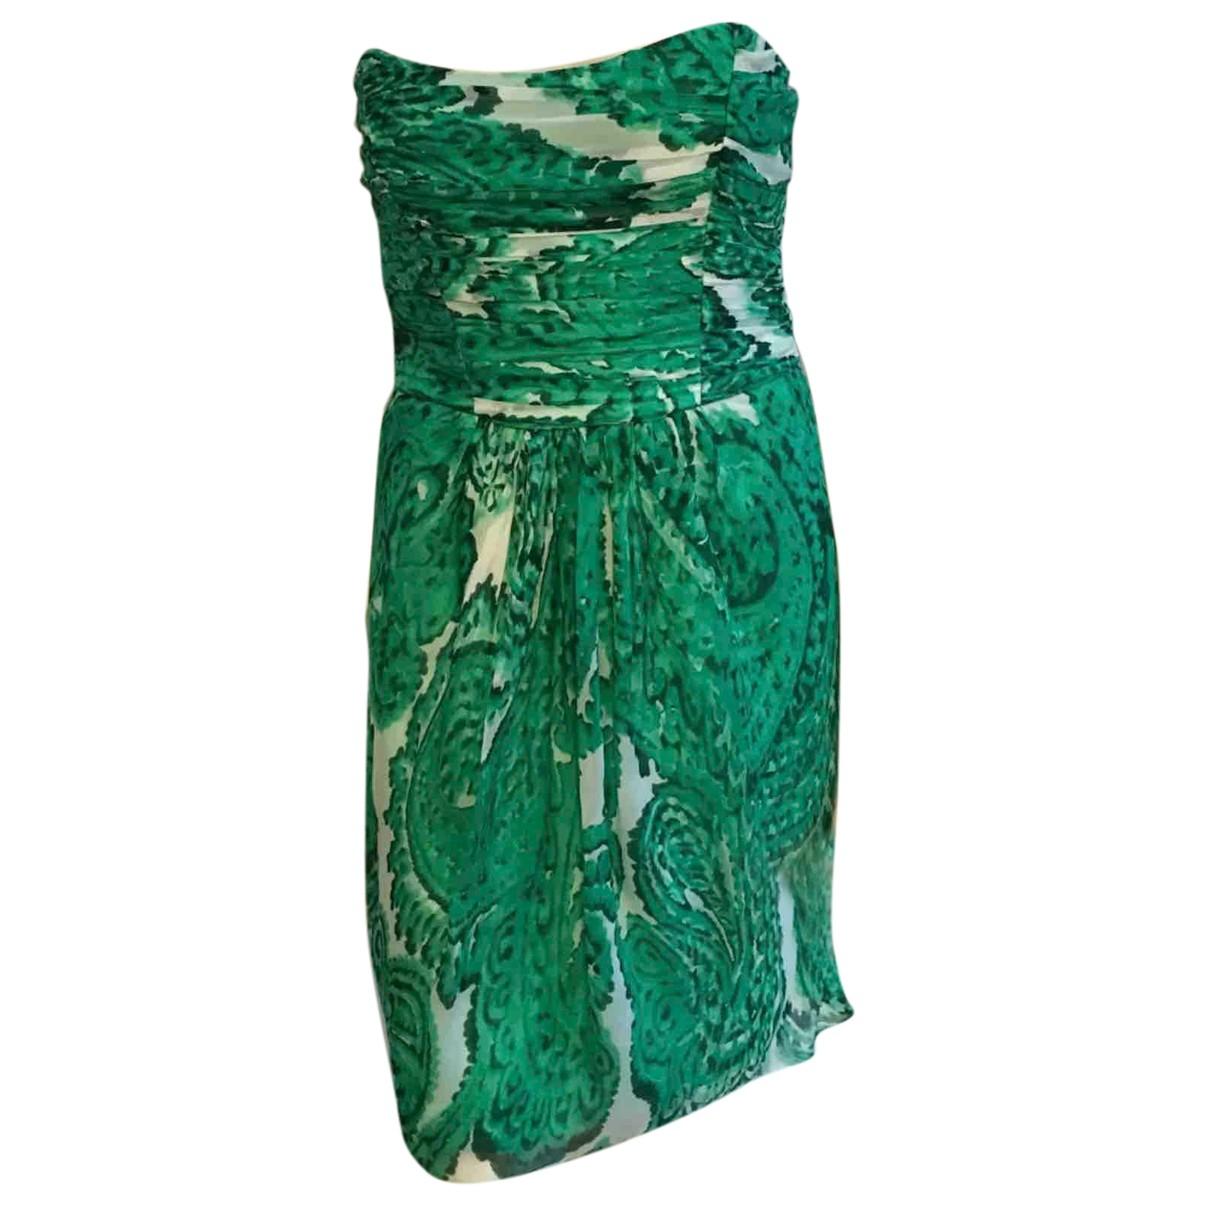 Milly \N Kleid in  Gruen Seide